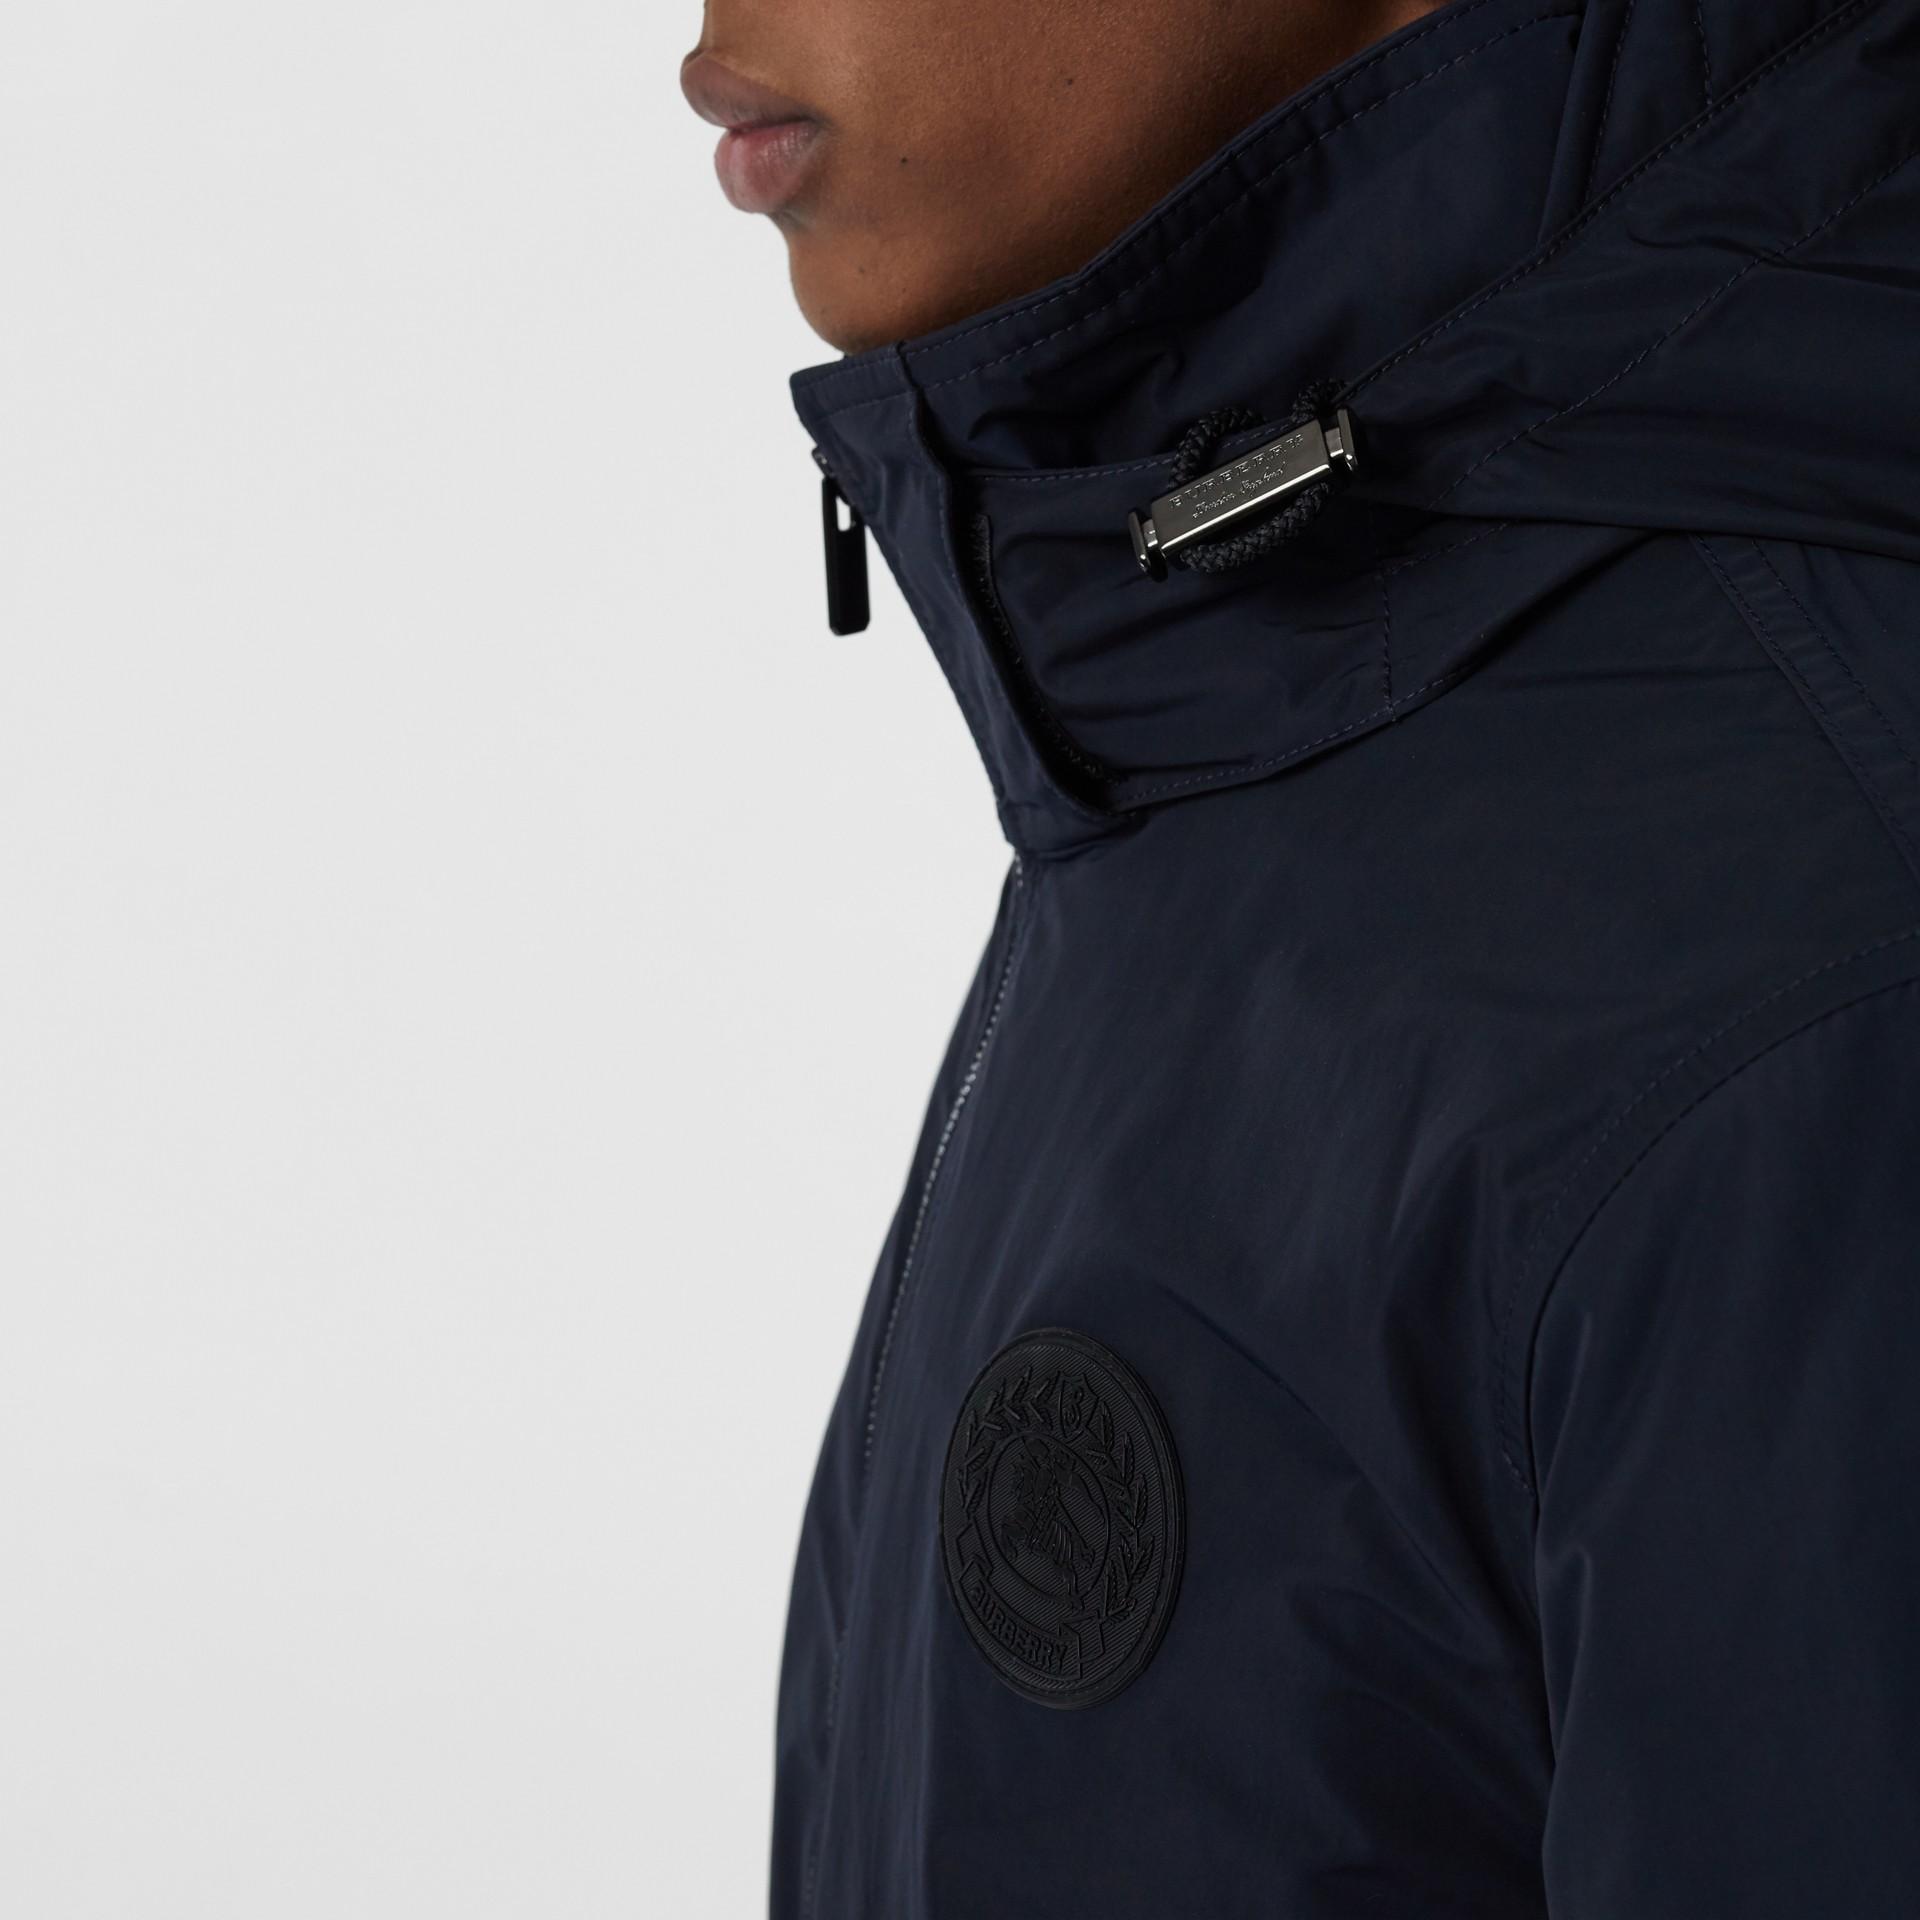 Veste en taffetas à mémoire de forme avec capuche repliable (Encre) - Homme | Burberry - photo de la galerie 3